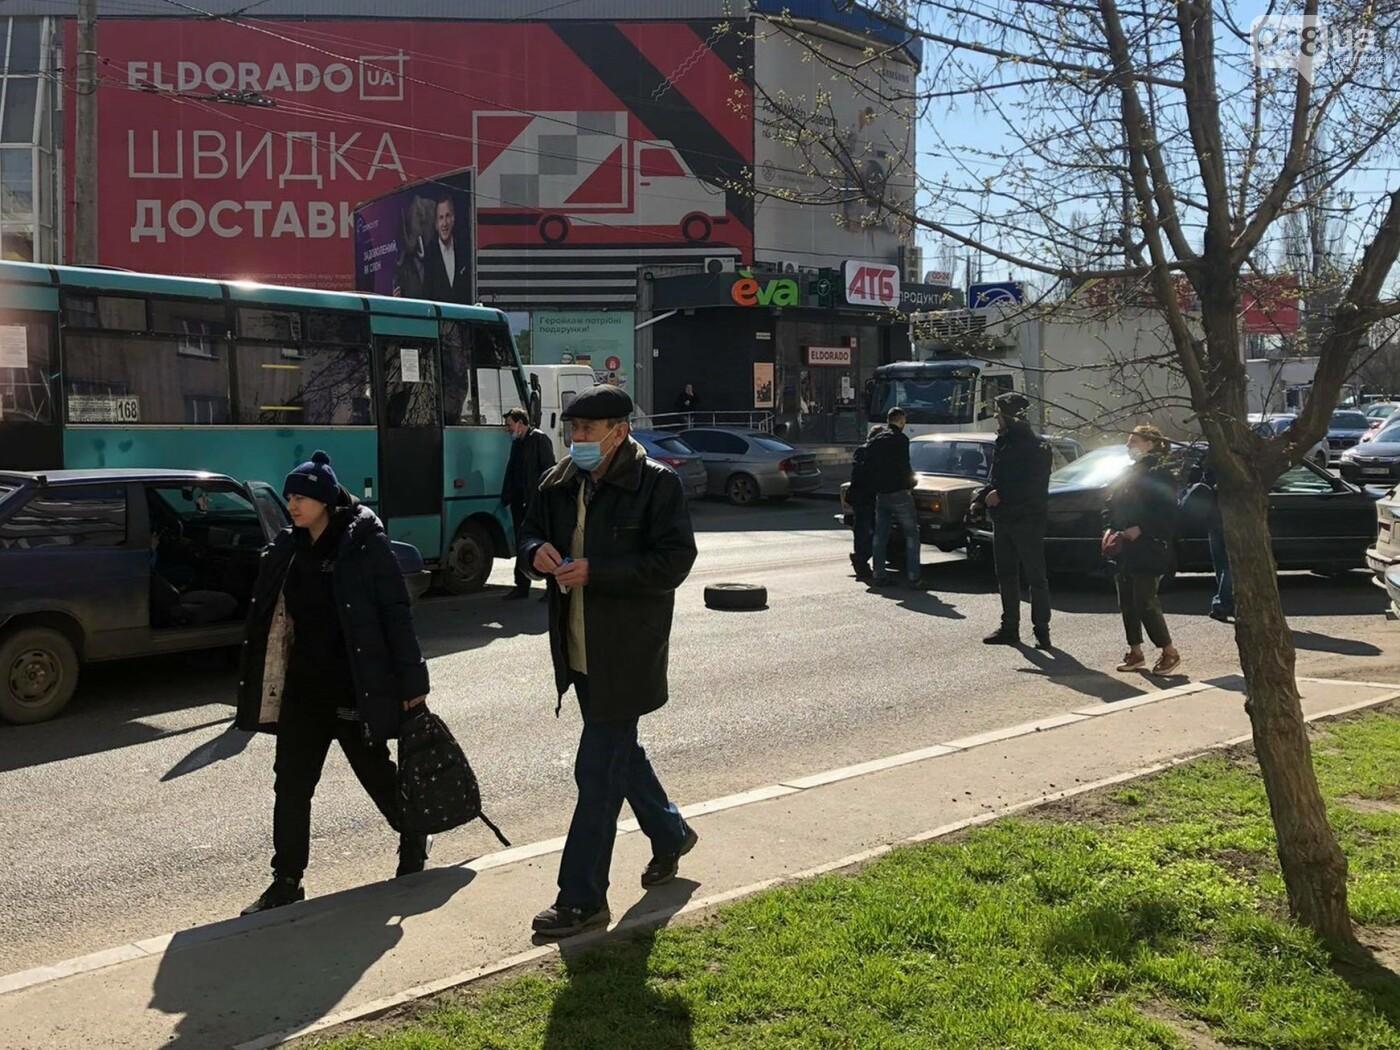 В Одессе маршрутка попала в ДТП, когда объезжала другую аварию, - ФОТО  , фото-2